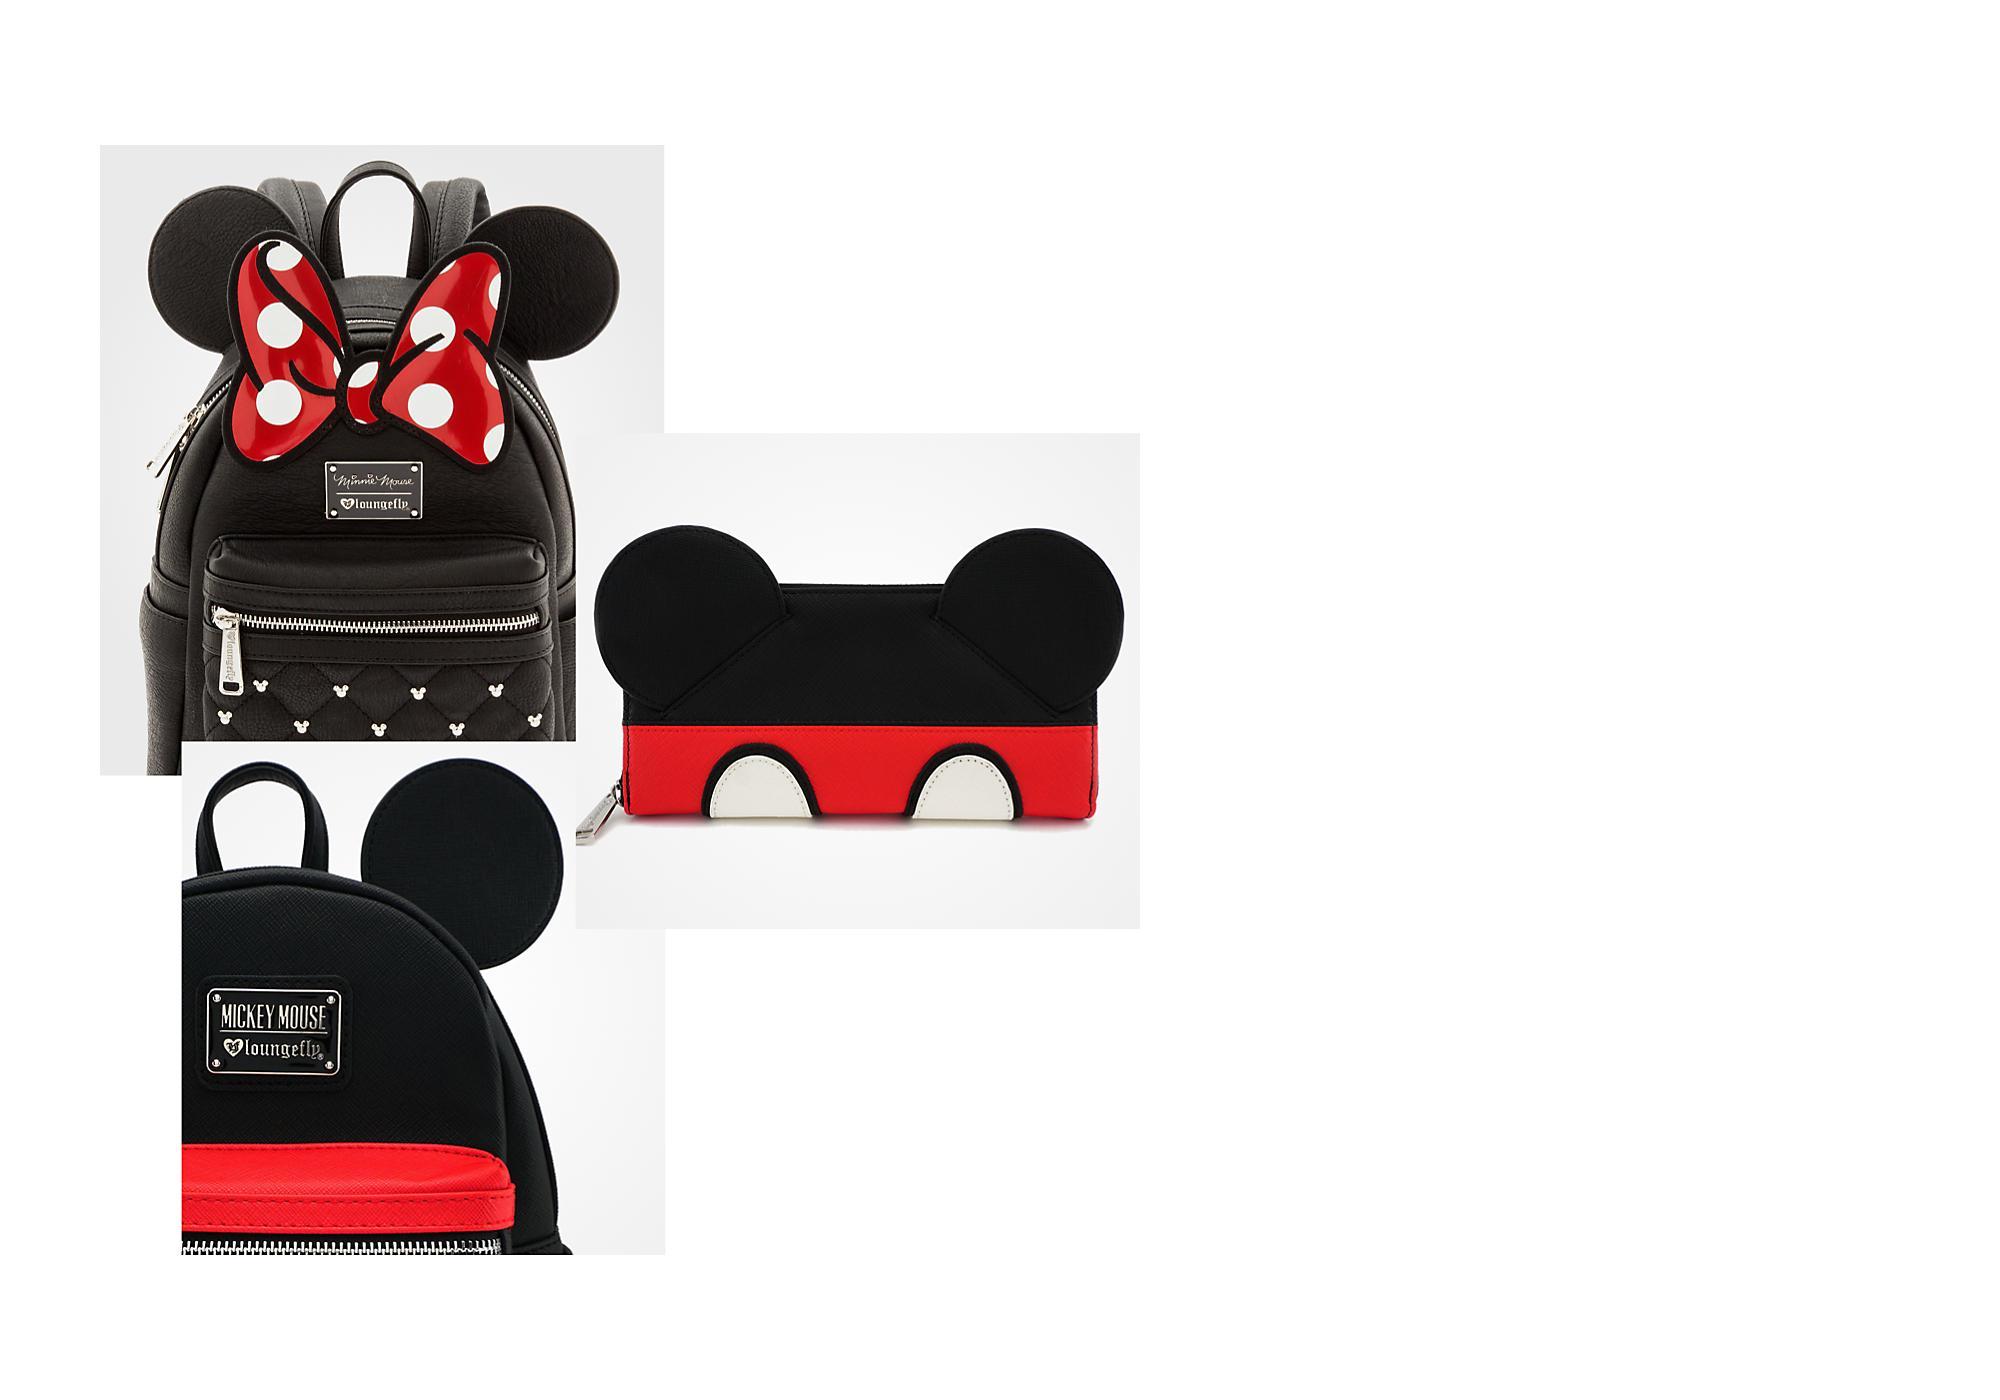 Bolsos de personajes Bolsos y mochilas únicos y vanguardistas que reinterpretan a los personajes de Disney, Marvel y Star Wars.